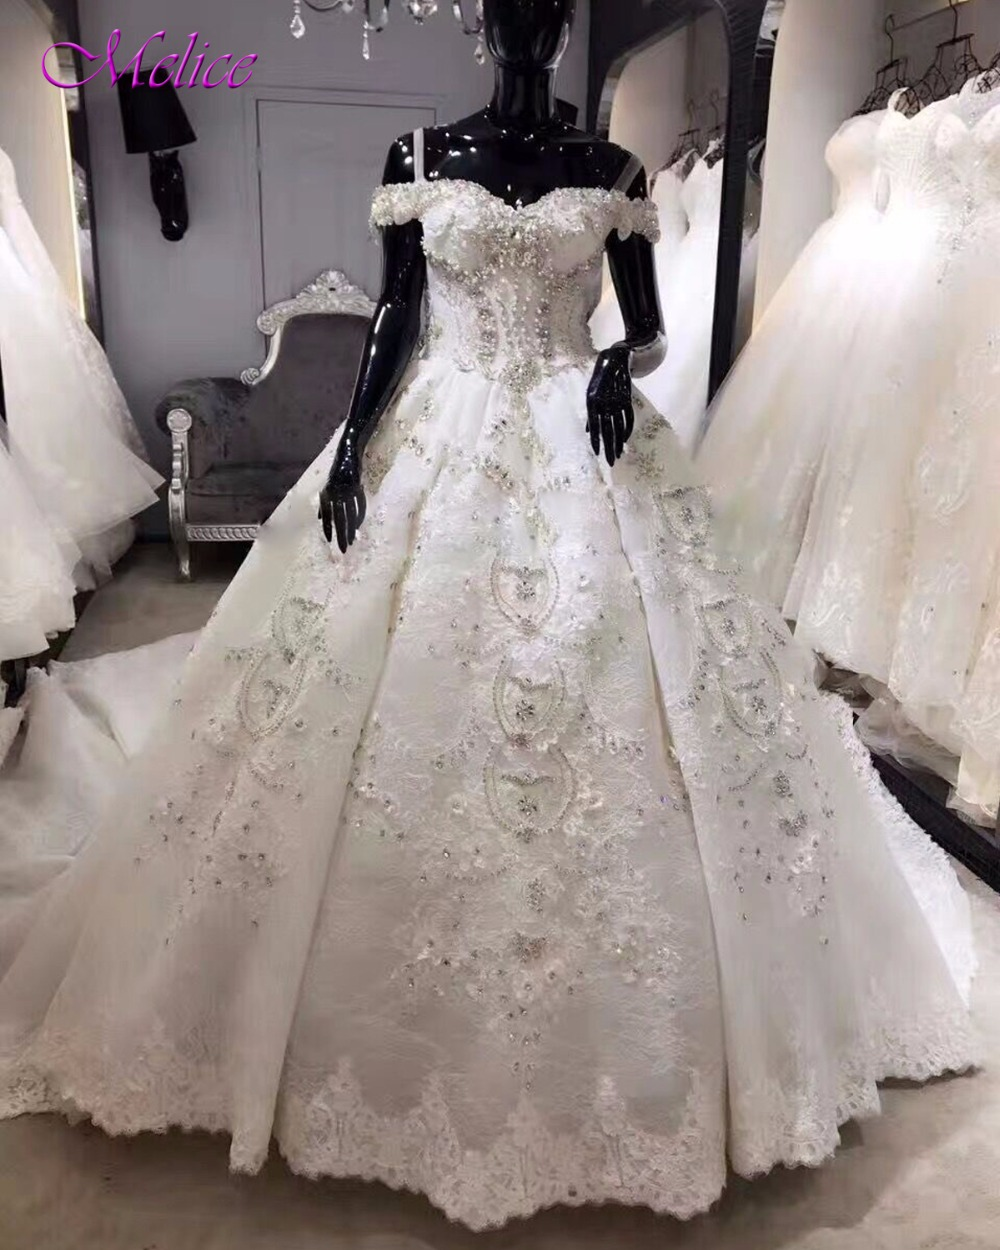 ad46aa87a0d Fmogl Очаровательная Милая Жемчуг Кристалл бальное платье Свадебные платья  2019 аппликации кружево Часовня поезд невесты Vestido de Noiva